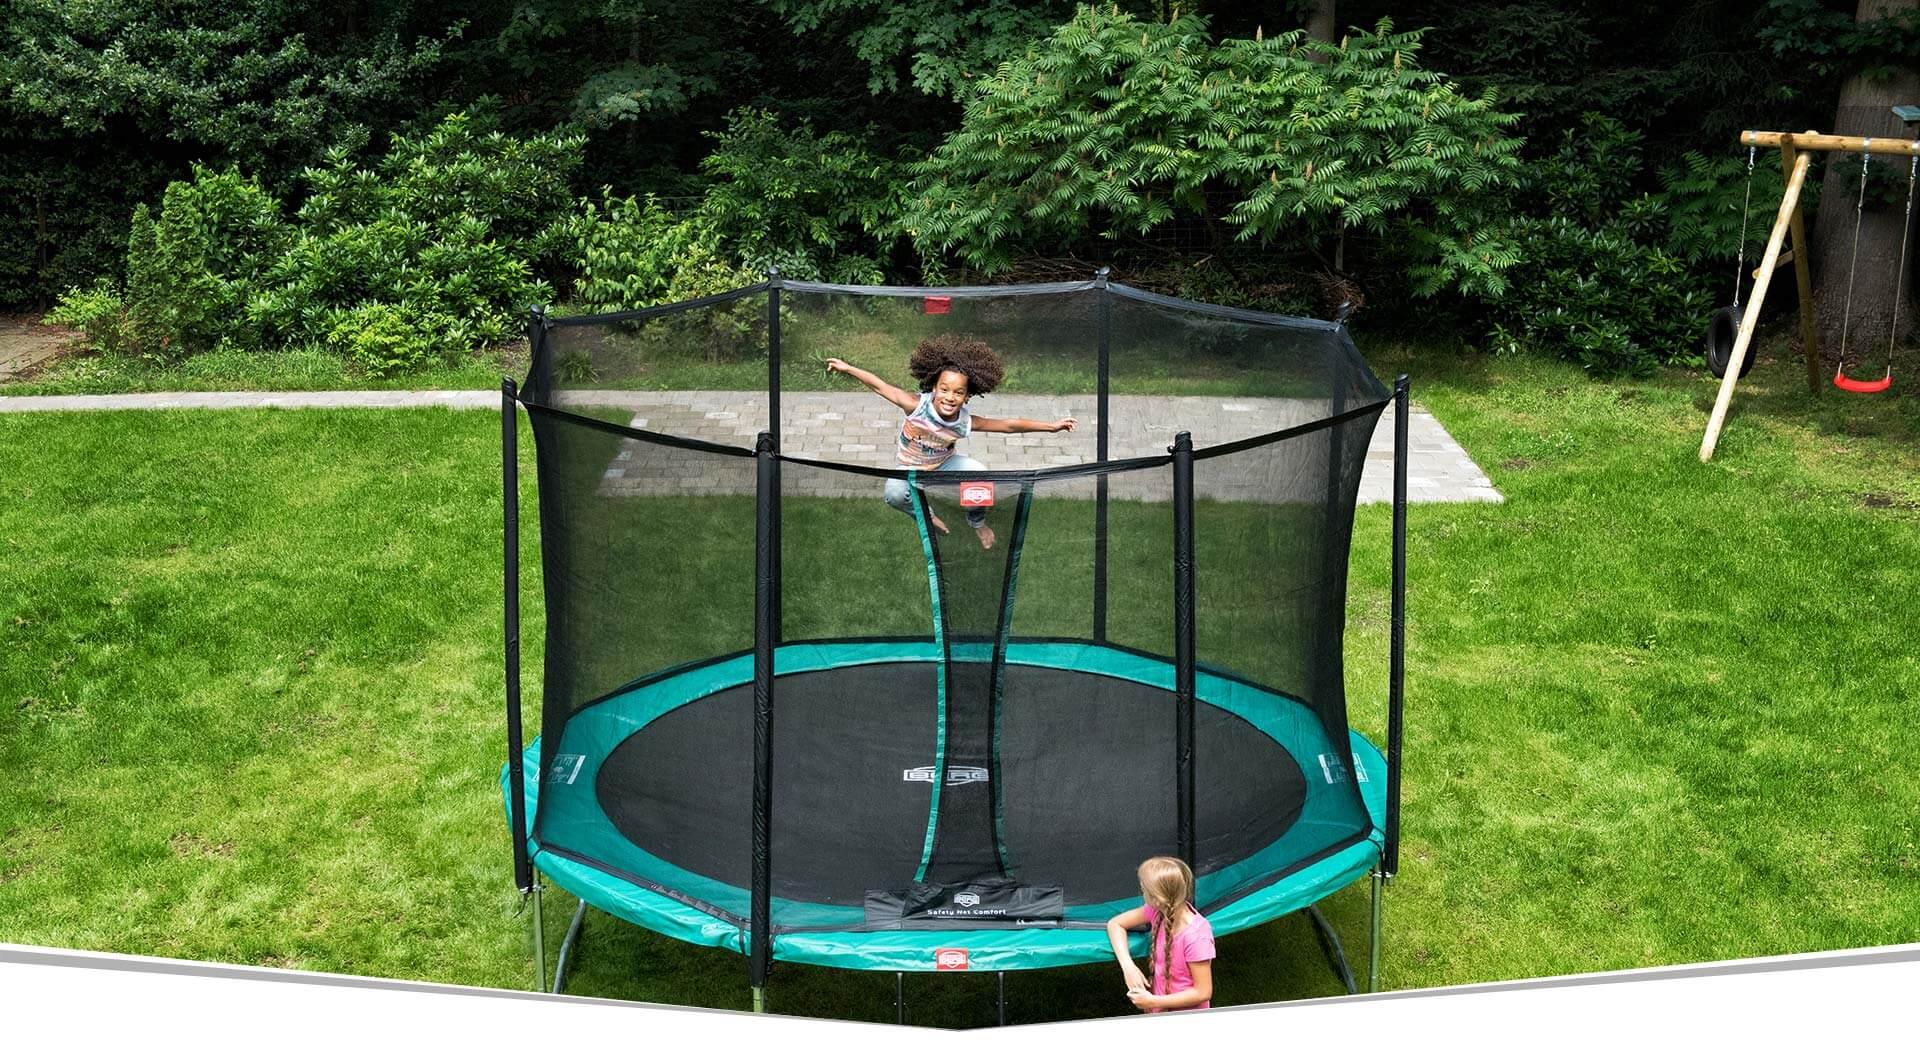 BERG Favorit Trampoline testen auf der Consumenta 2019 - trampolin-profi.de - Stand C 20 - Halle 7 A